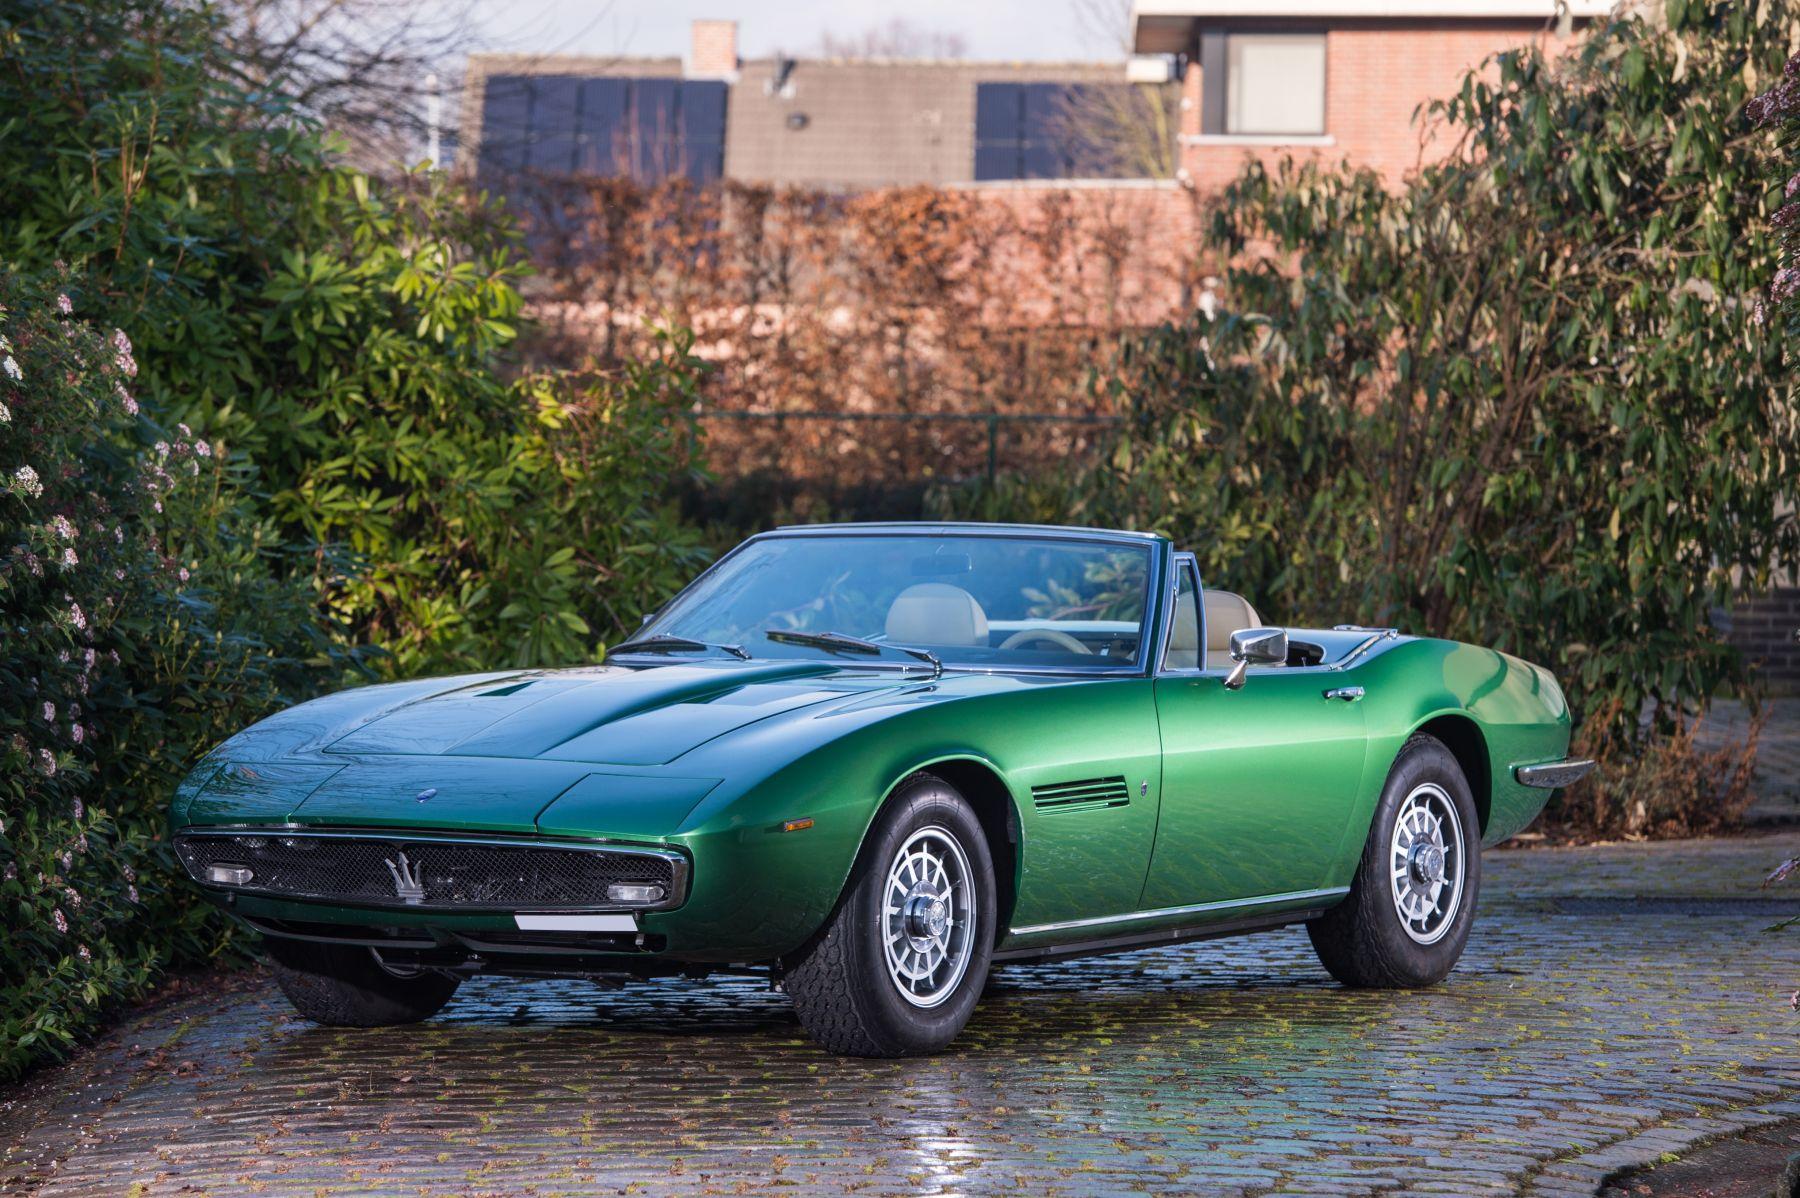 1968 Maserati Ghibli - 4,9L Ghibli spider | Classic Driver ...